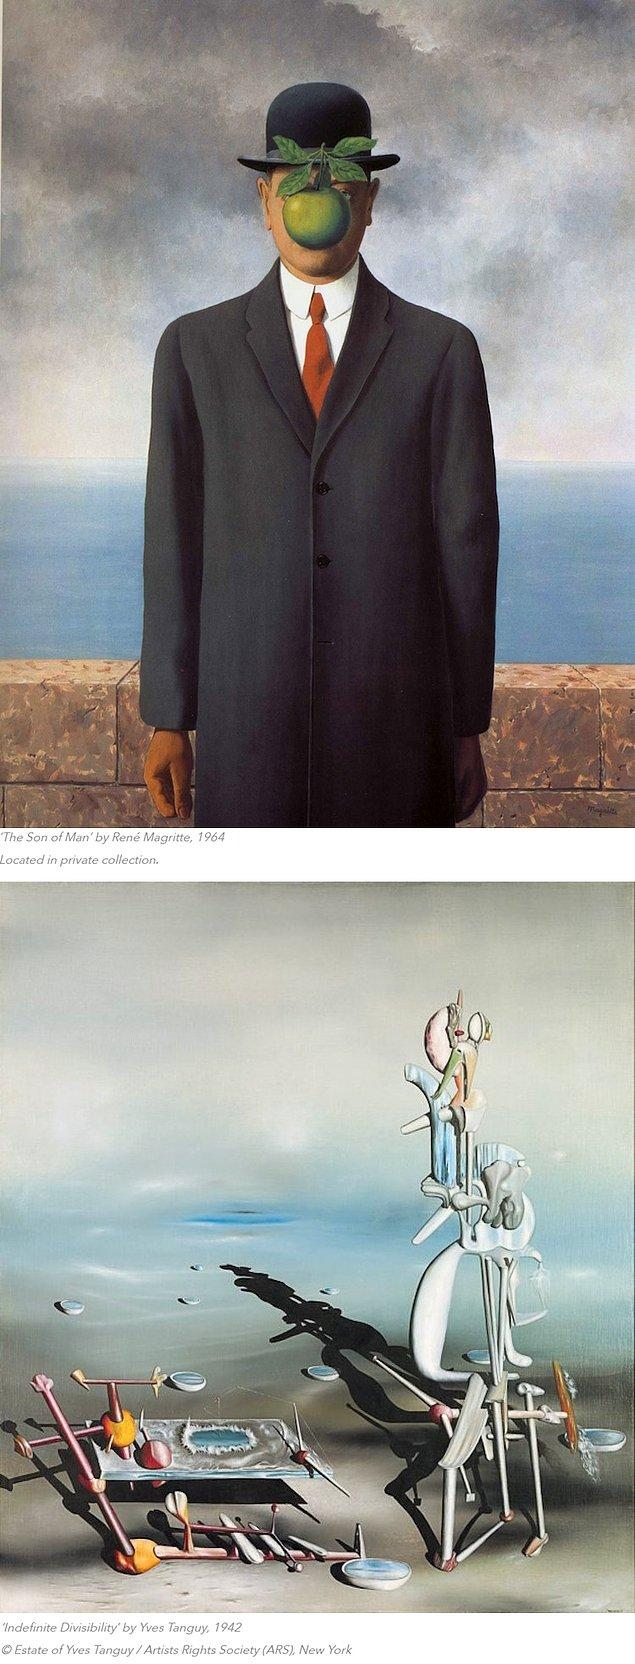 Gerçek ile fantezi arasındaki bu çekim Rene Magritte ve Yves Tanguy çalışmalarında da belirgindir.